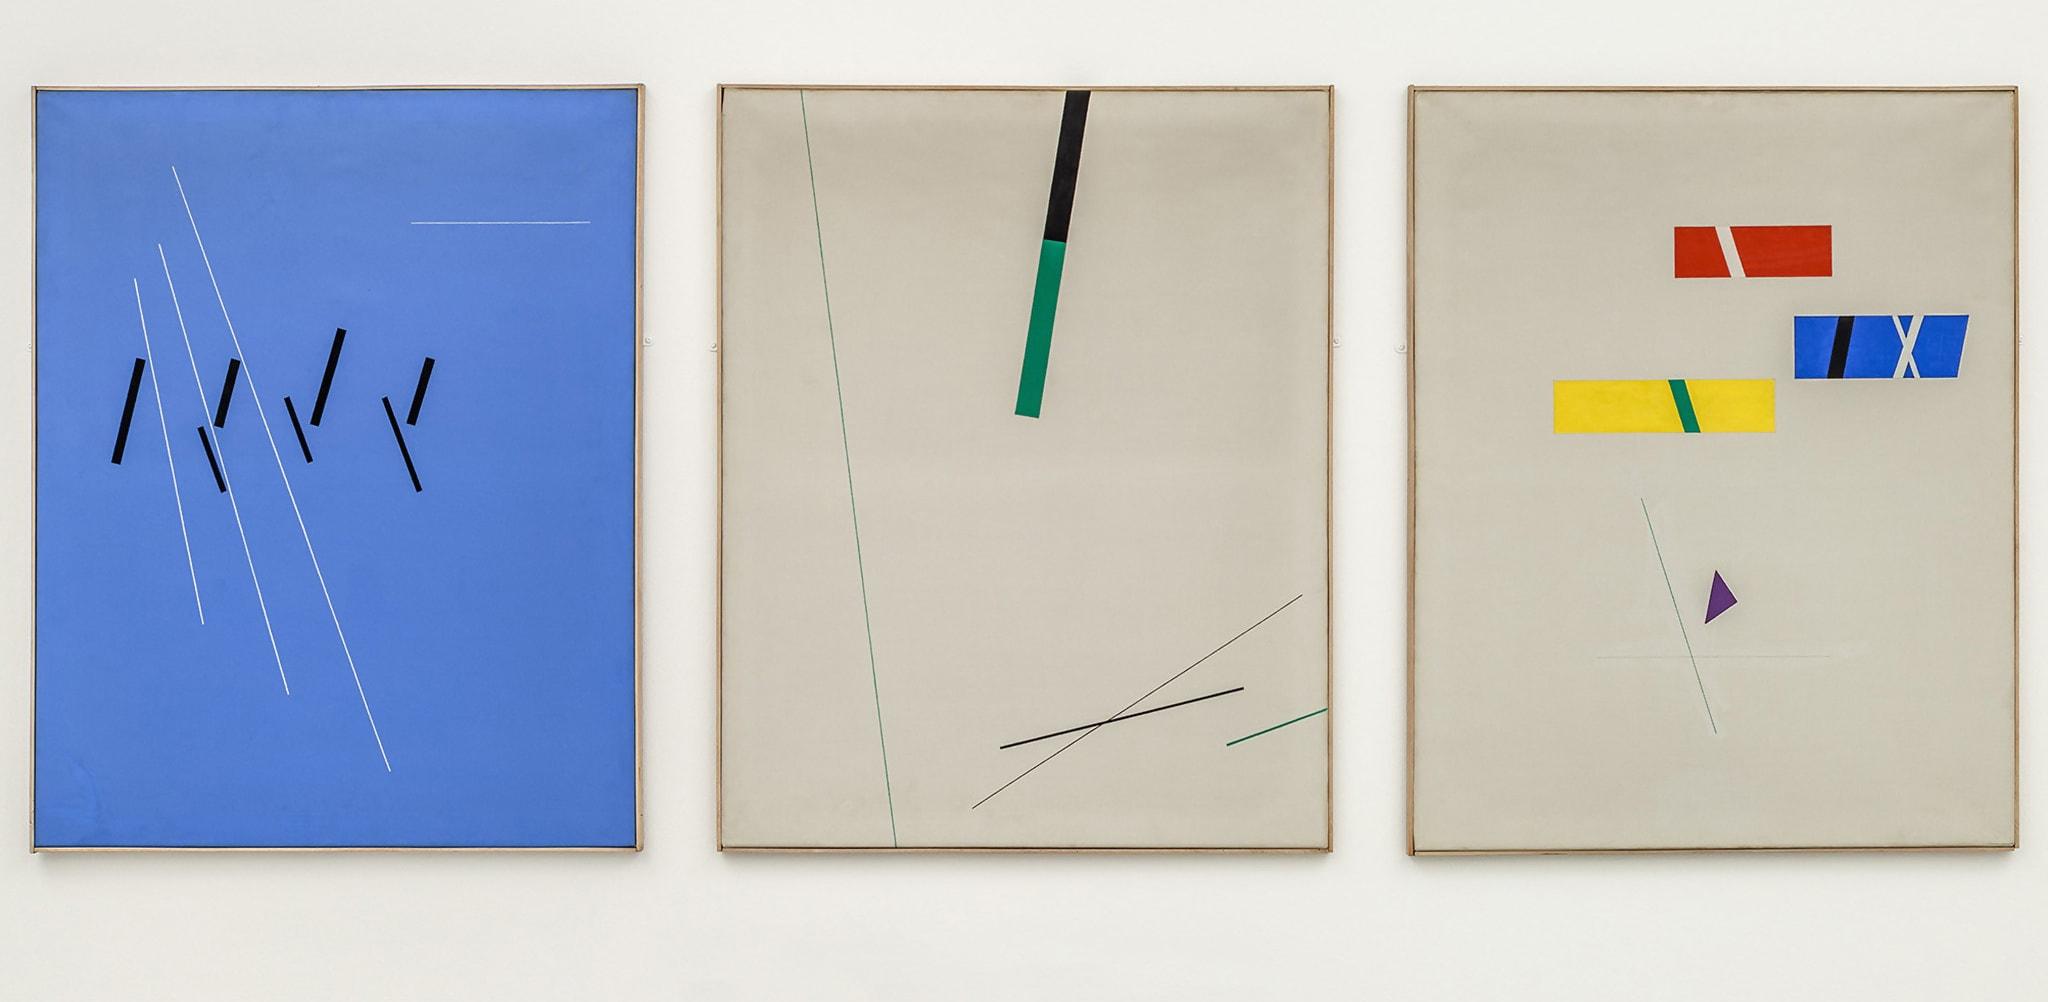 Composition No. 167 (a triptych) by Friedrich Vordemberge-Gildewart